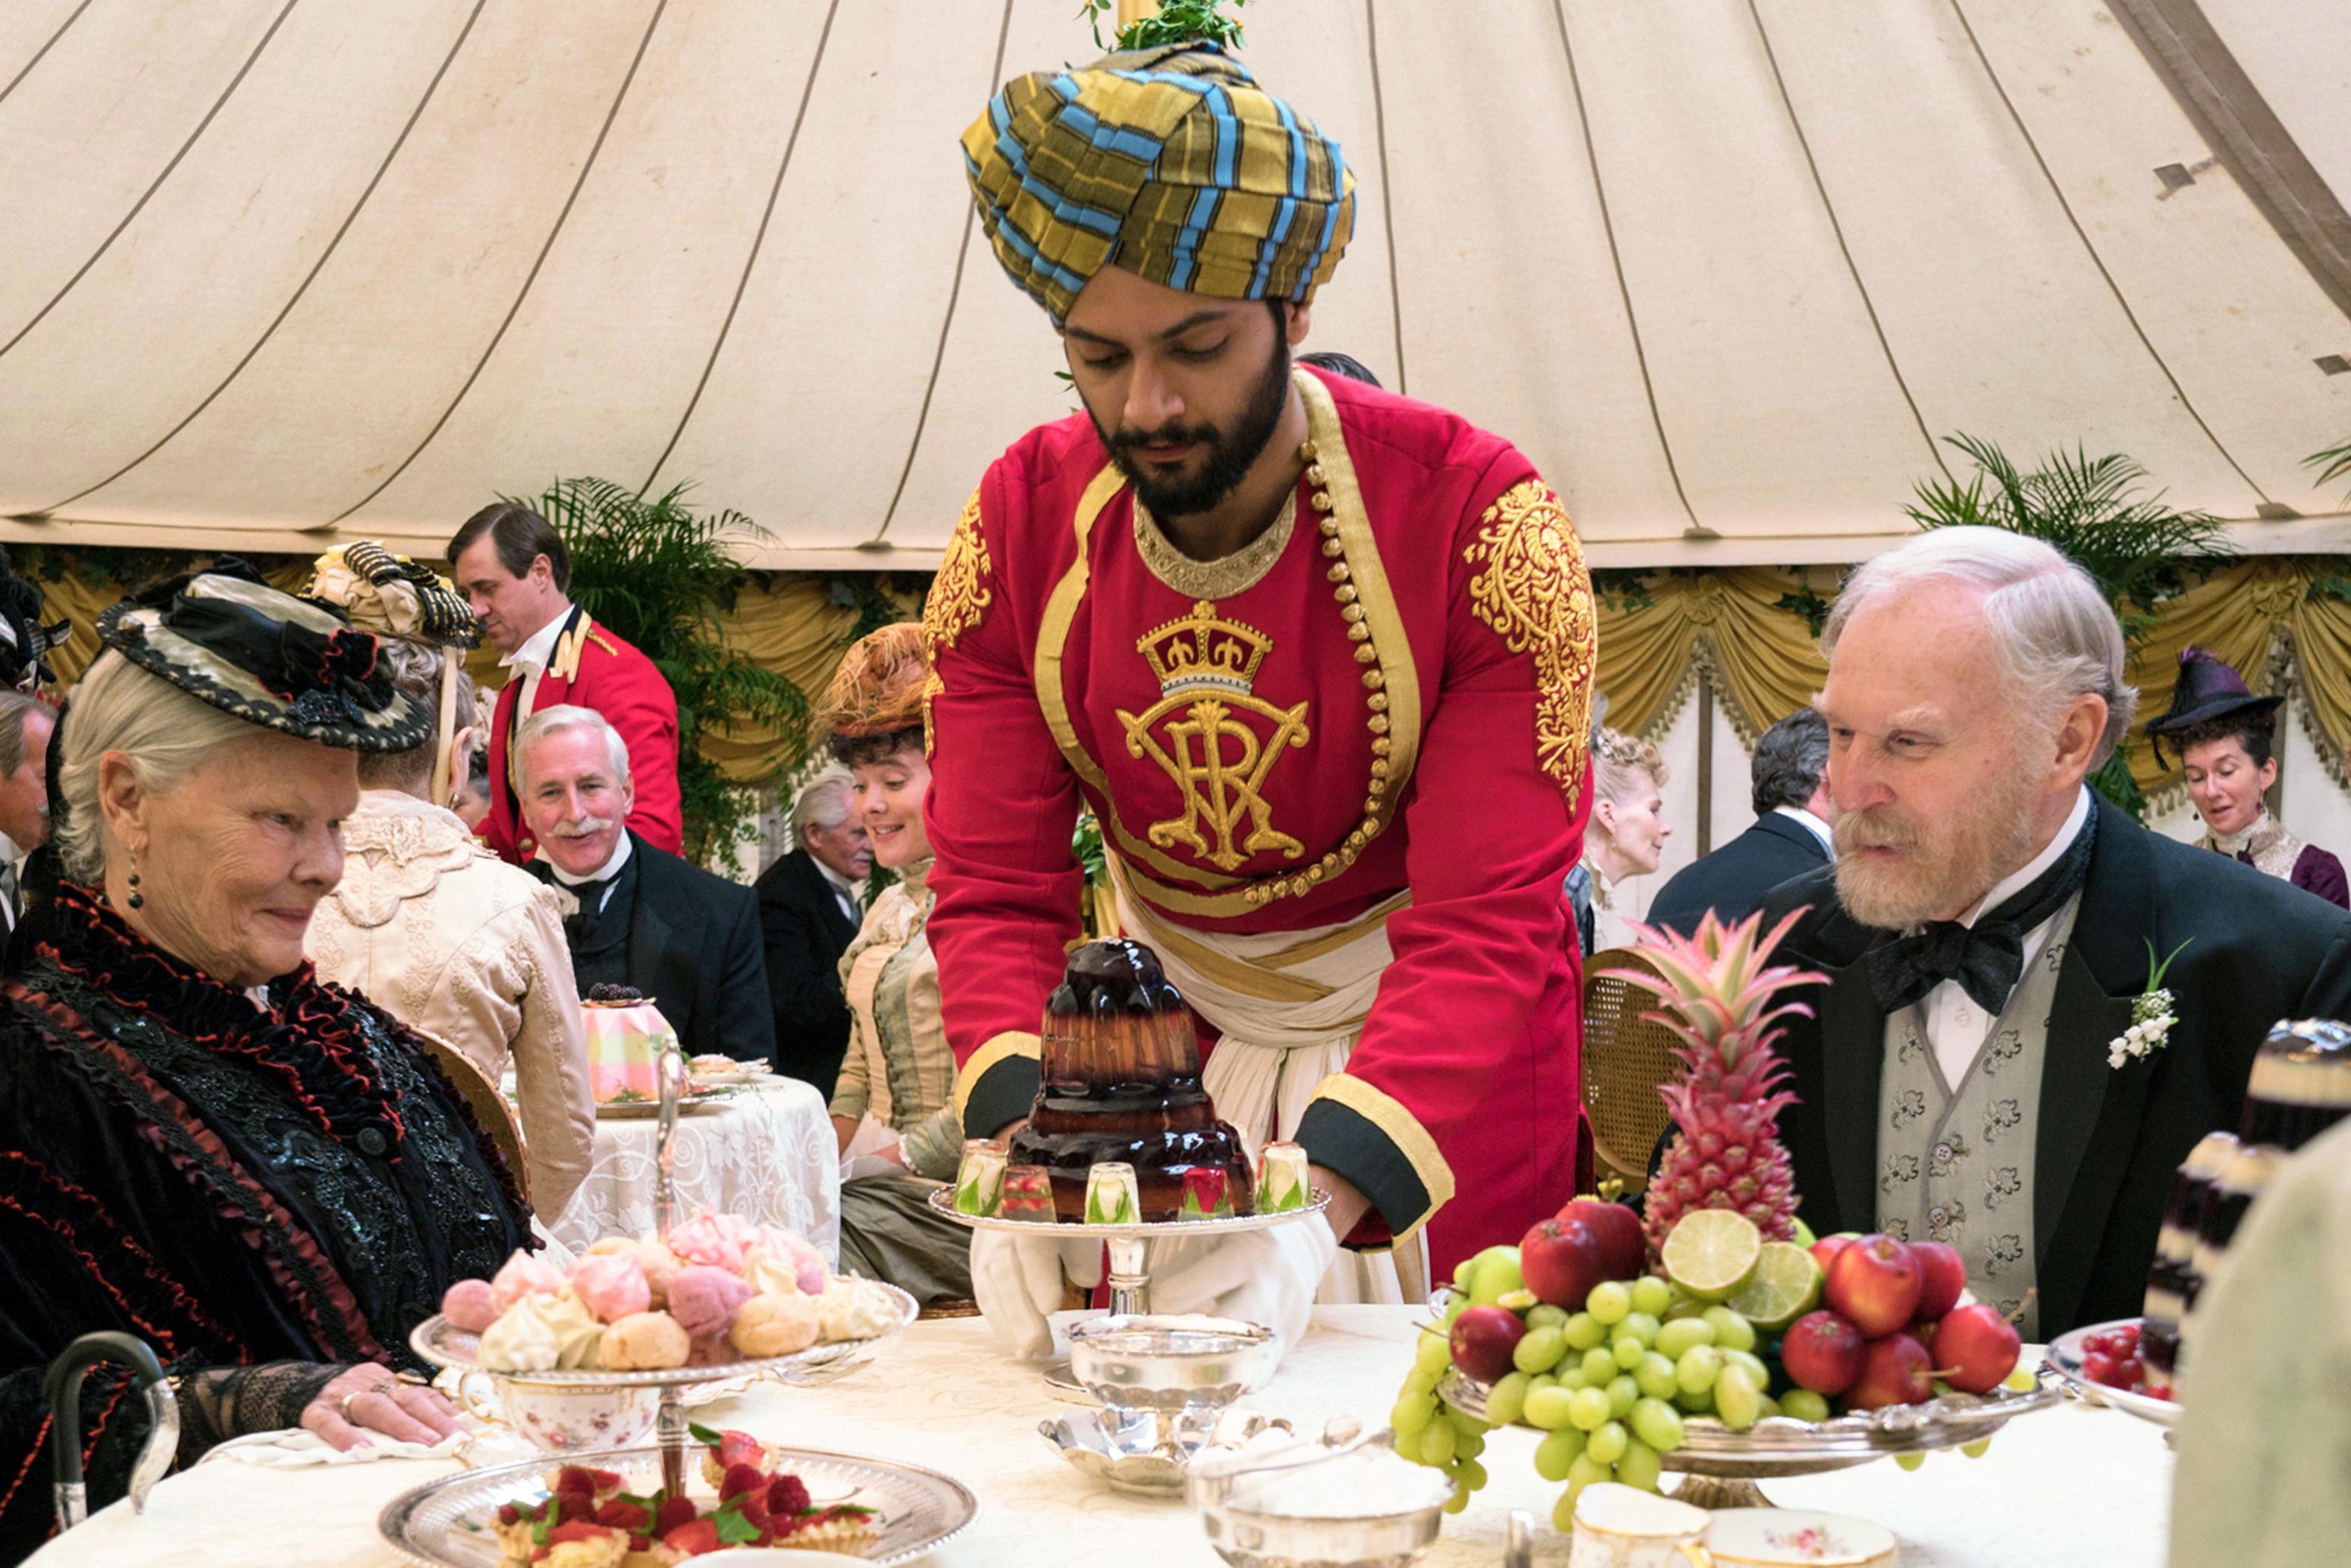 Still of Ali Fazal as Abdul Karim in Victoria and Abdul.